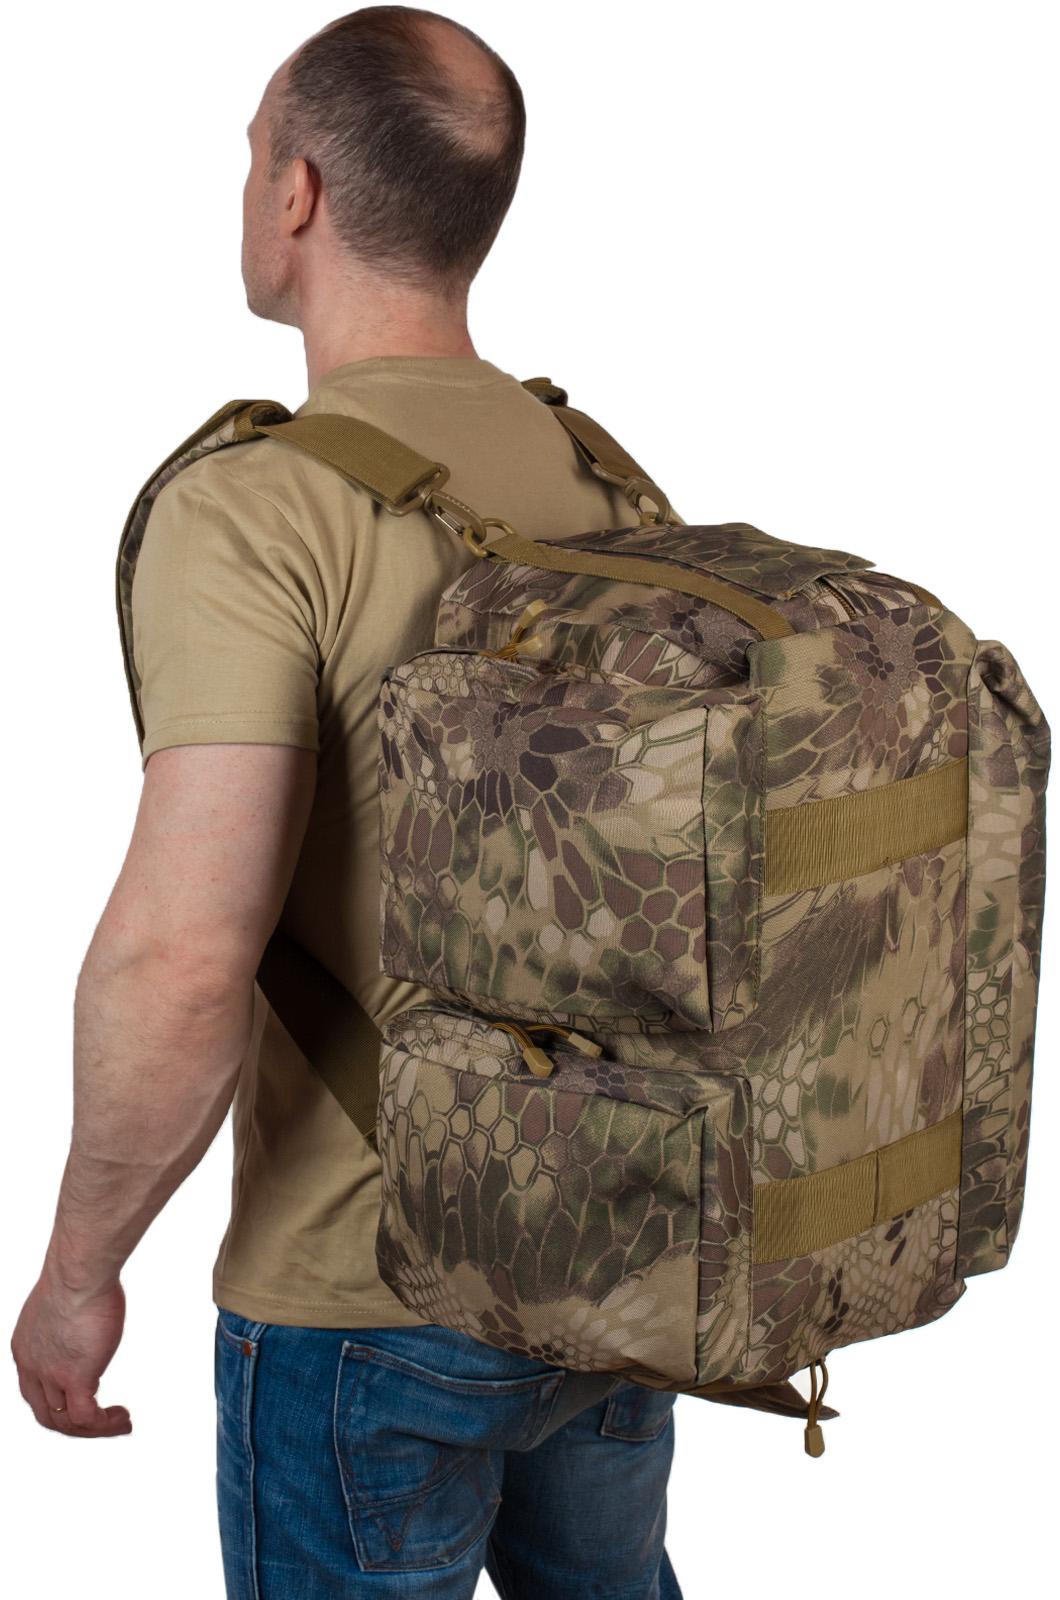 Камуфляжная сумка для походов РХБЗ - заказать онлайн